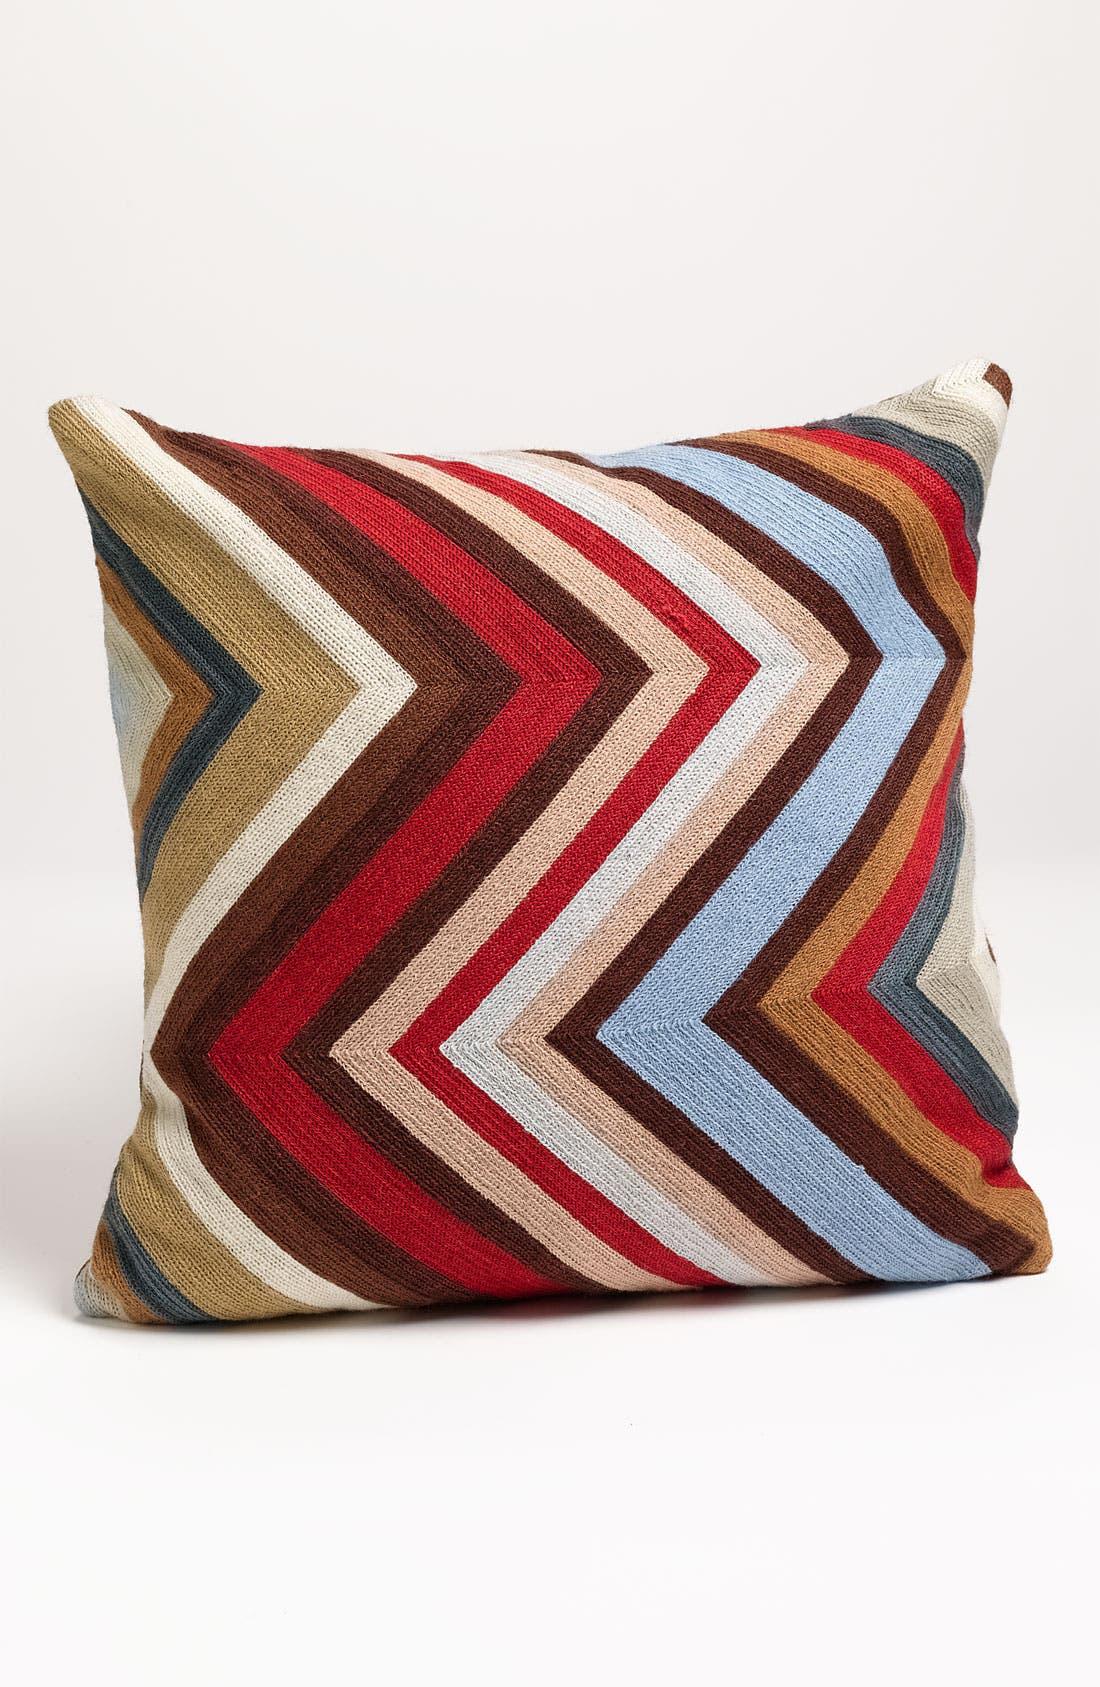 'Chevron' Pillow,                         Main,                         color, Multi